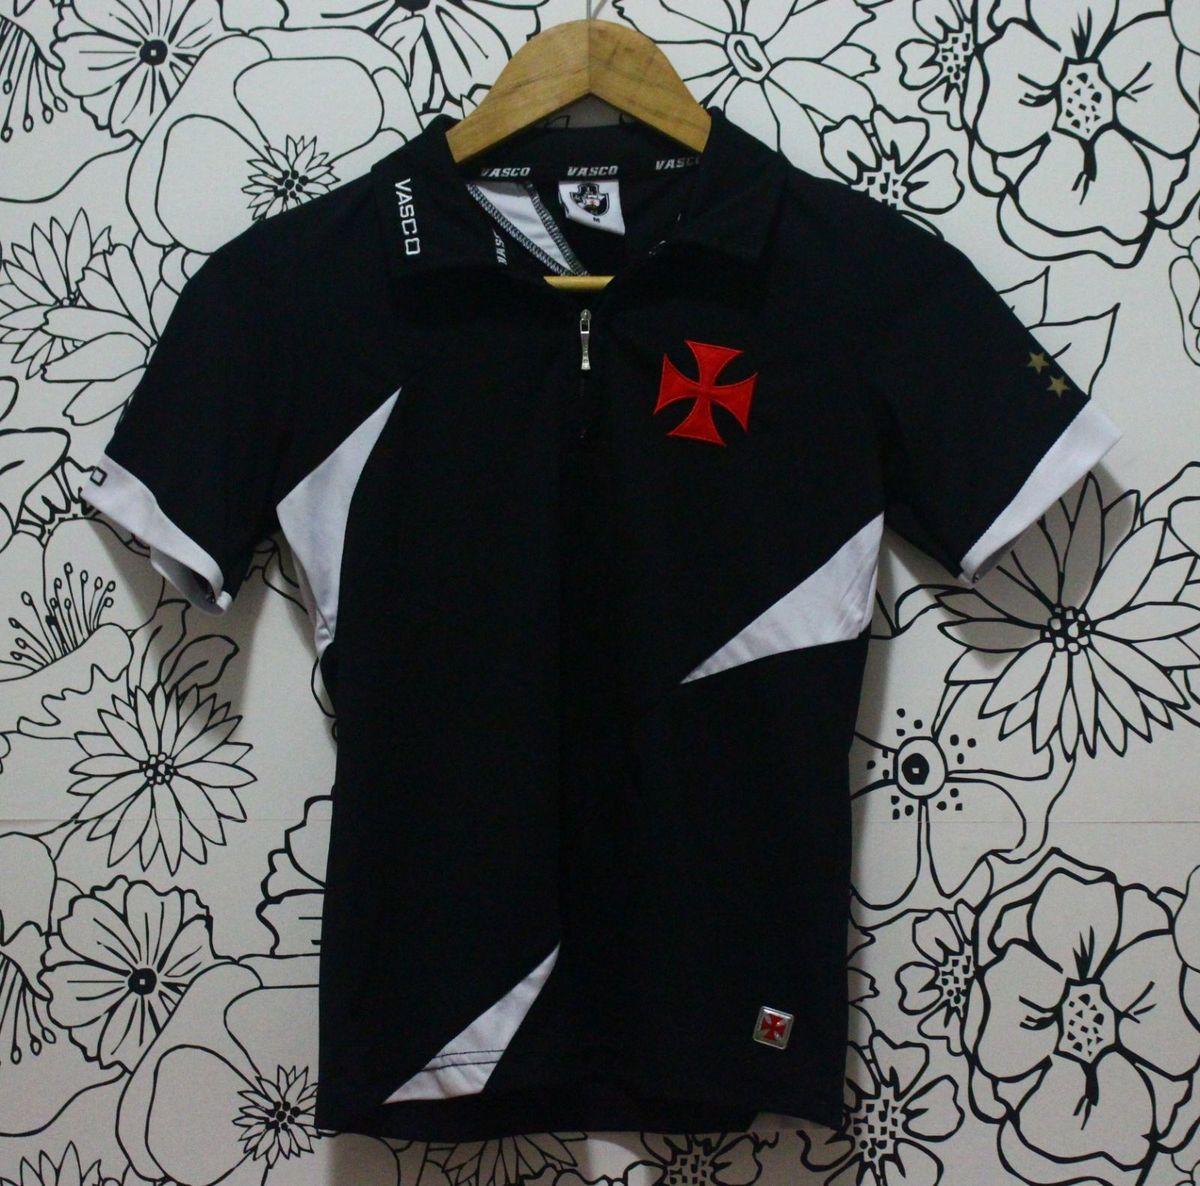 c4a86e9a5d camiseta do time do vasco - camisetas clube de regatas vasco da gama